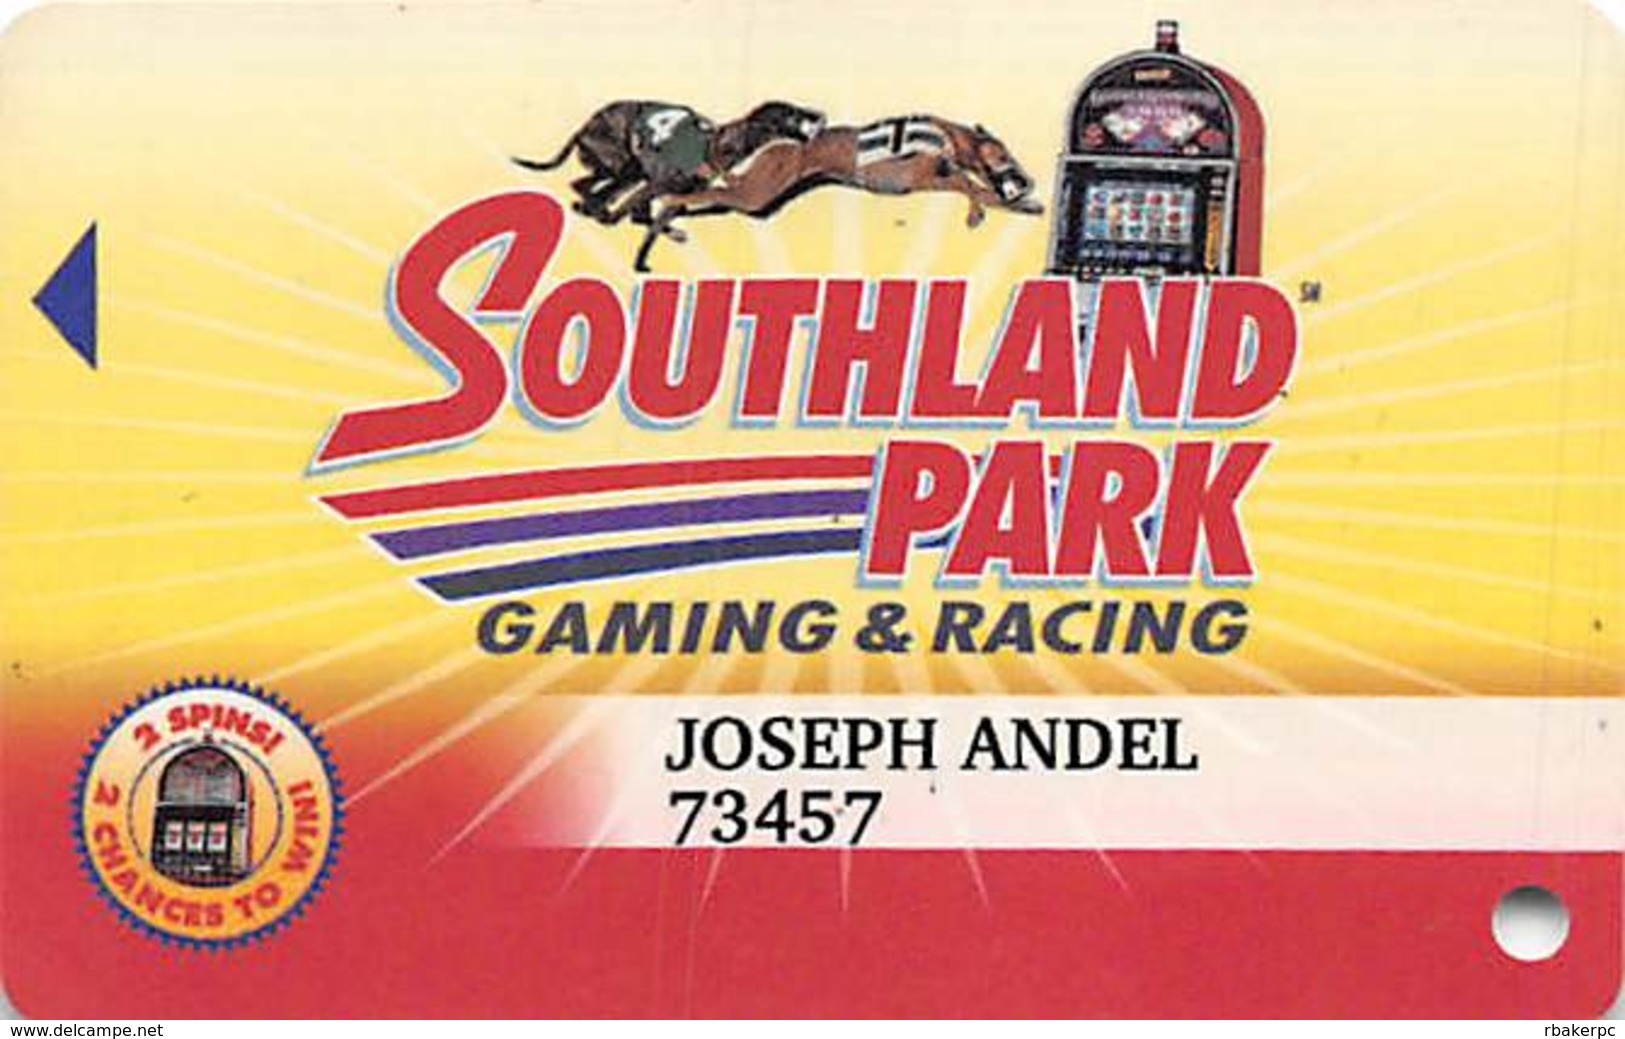 Southland Park Gaming - W. Memphis, AR - Slot Card - Casino Cards